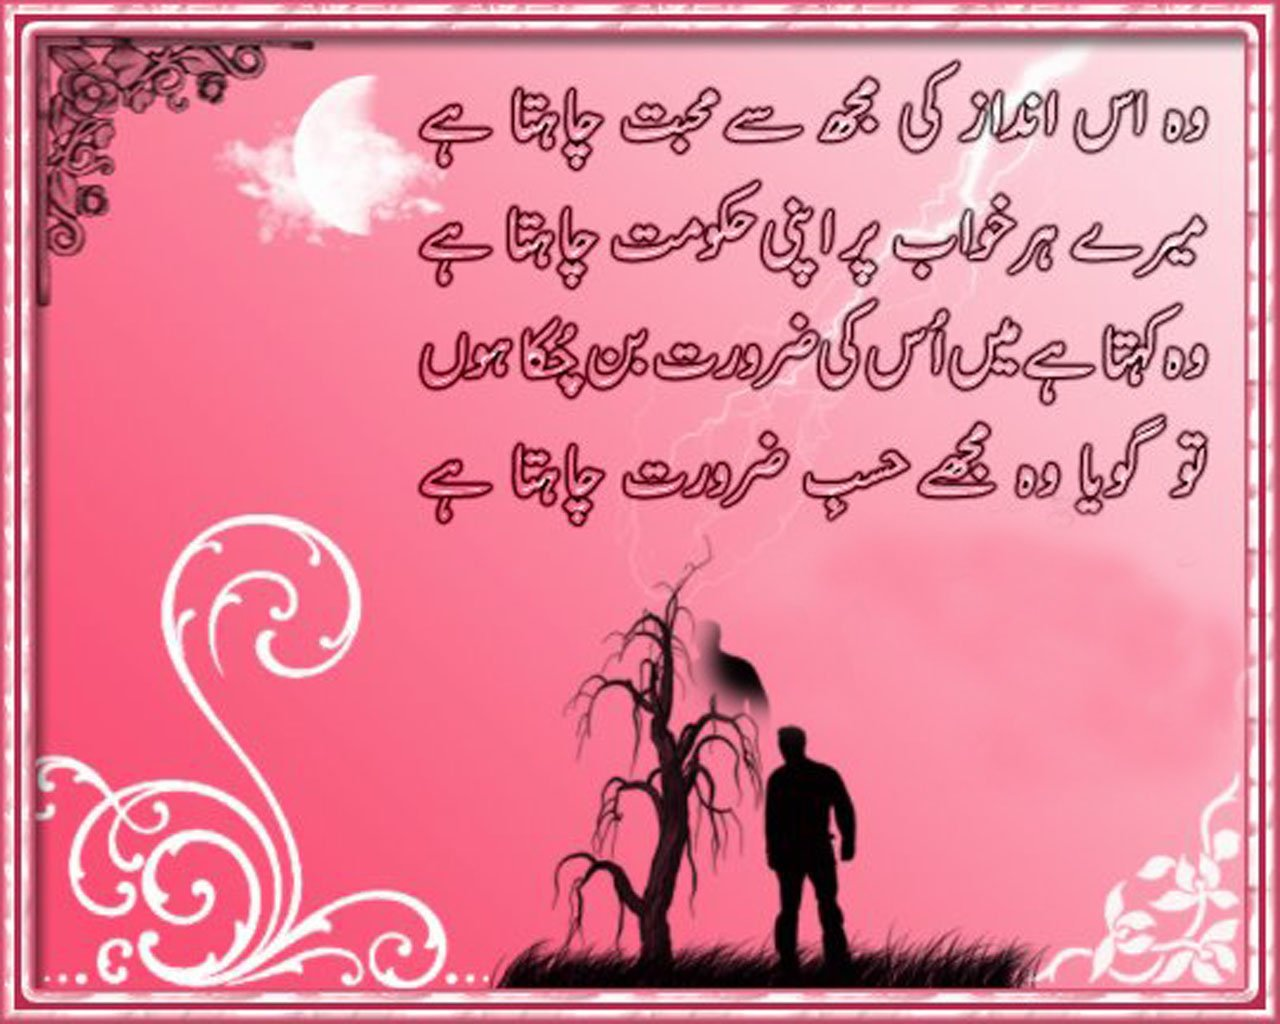 sad quotes about life in urdu quotesgram